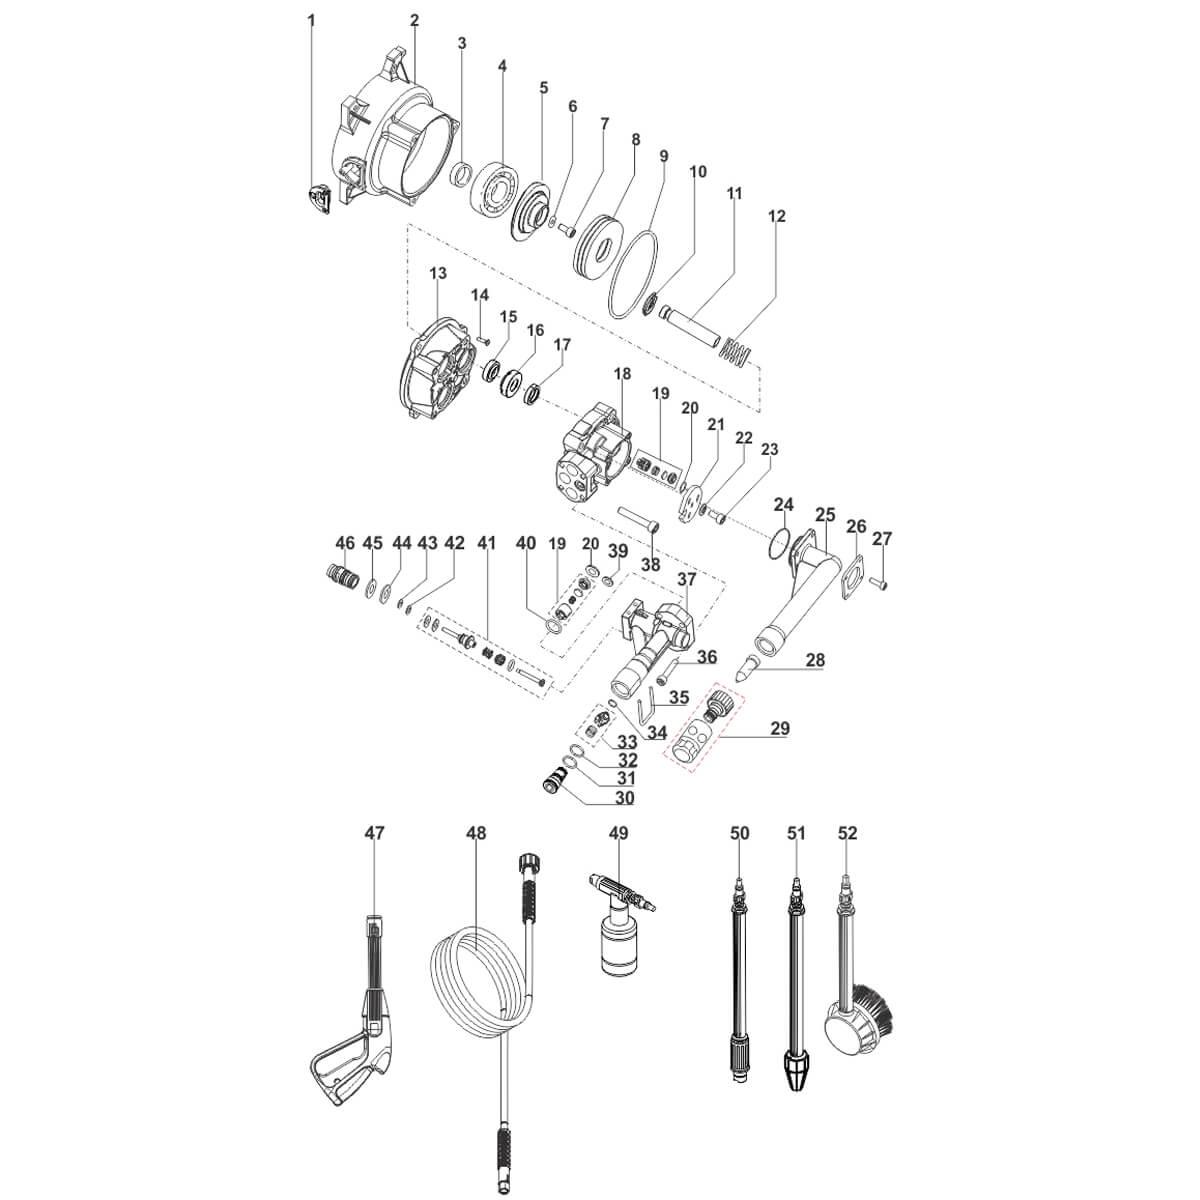 Lança Turbo 023 Para Lavadora De Alta Pressão Electrolux - 70001377